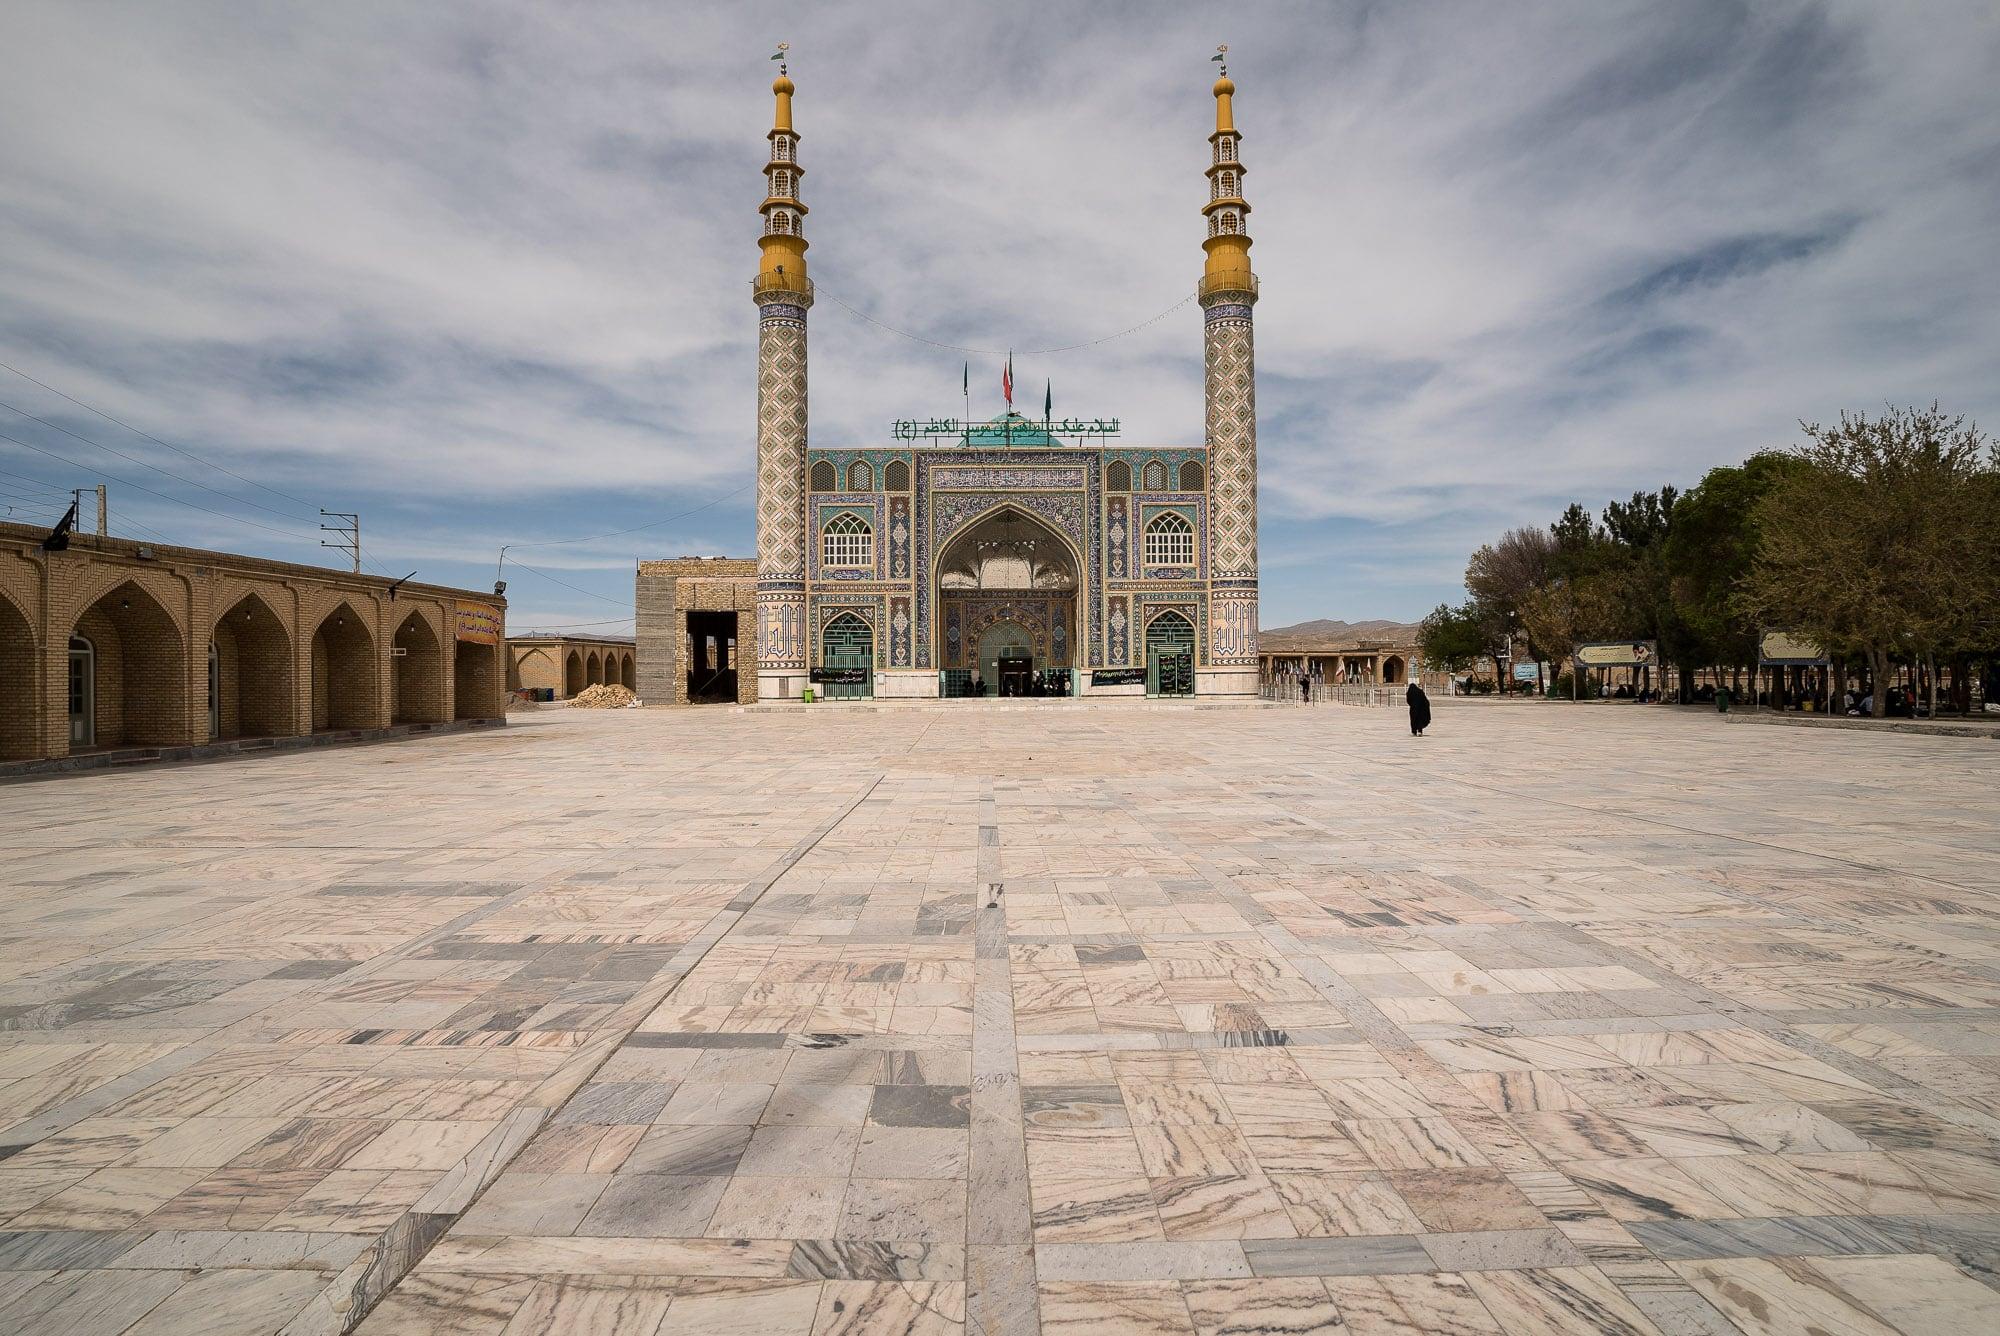 outside of the shrine